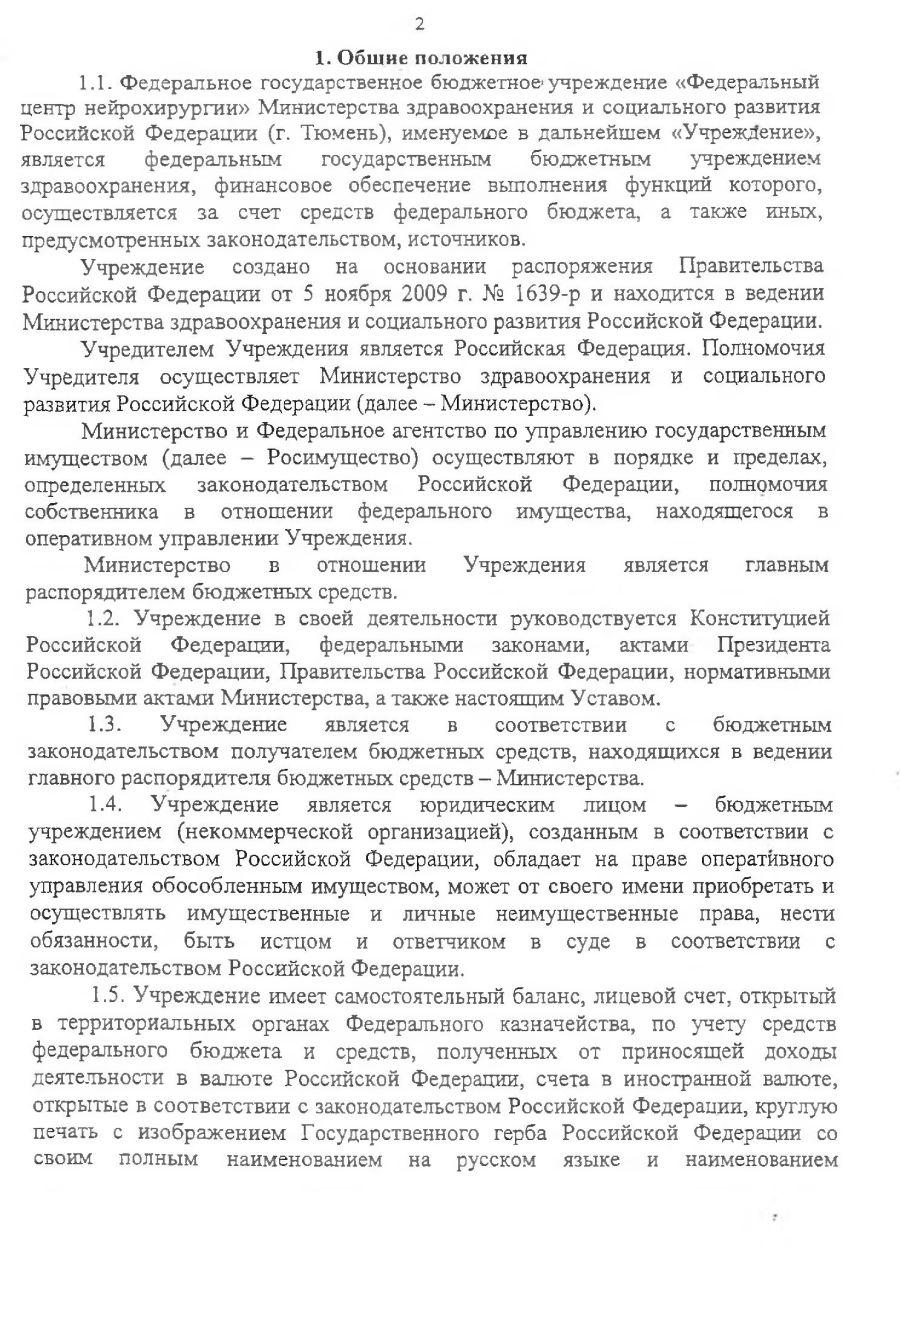 УставУчреждения_00003